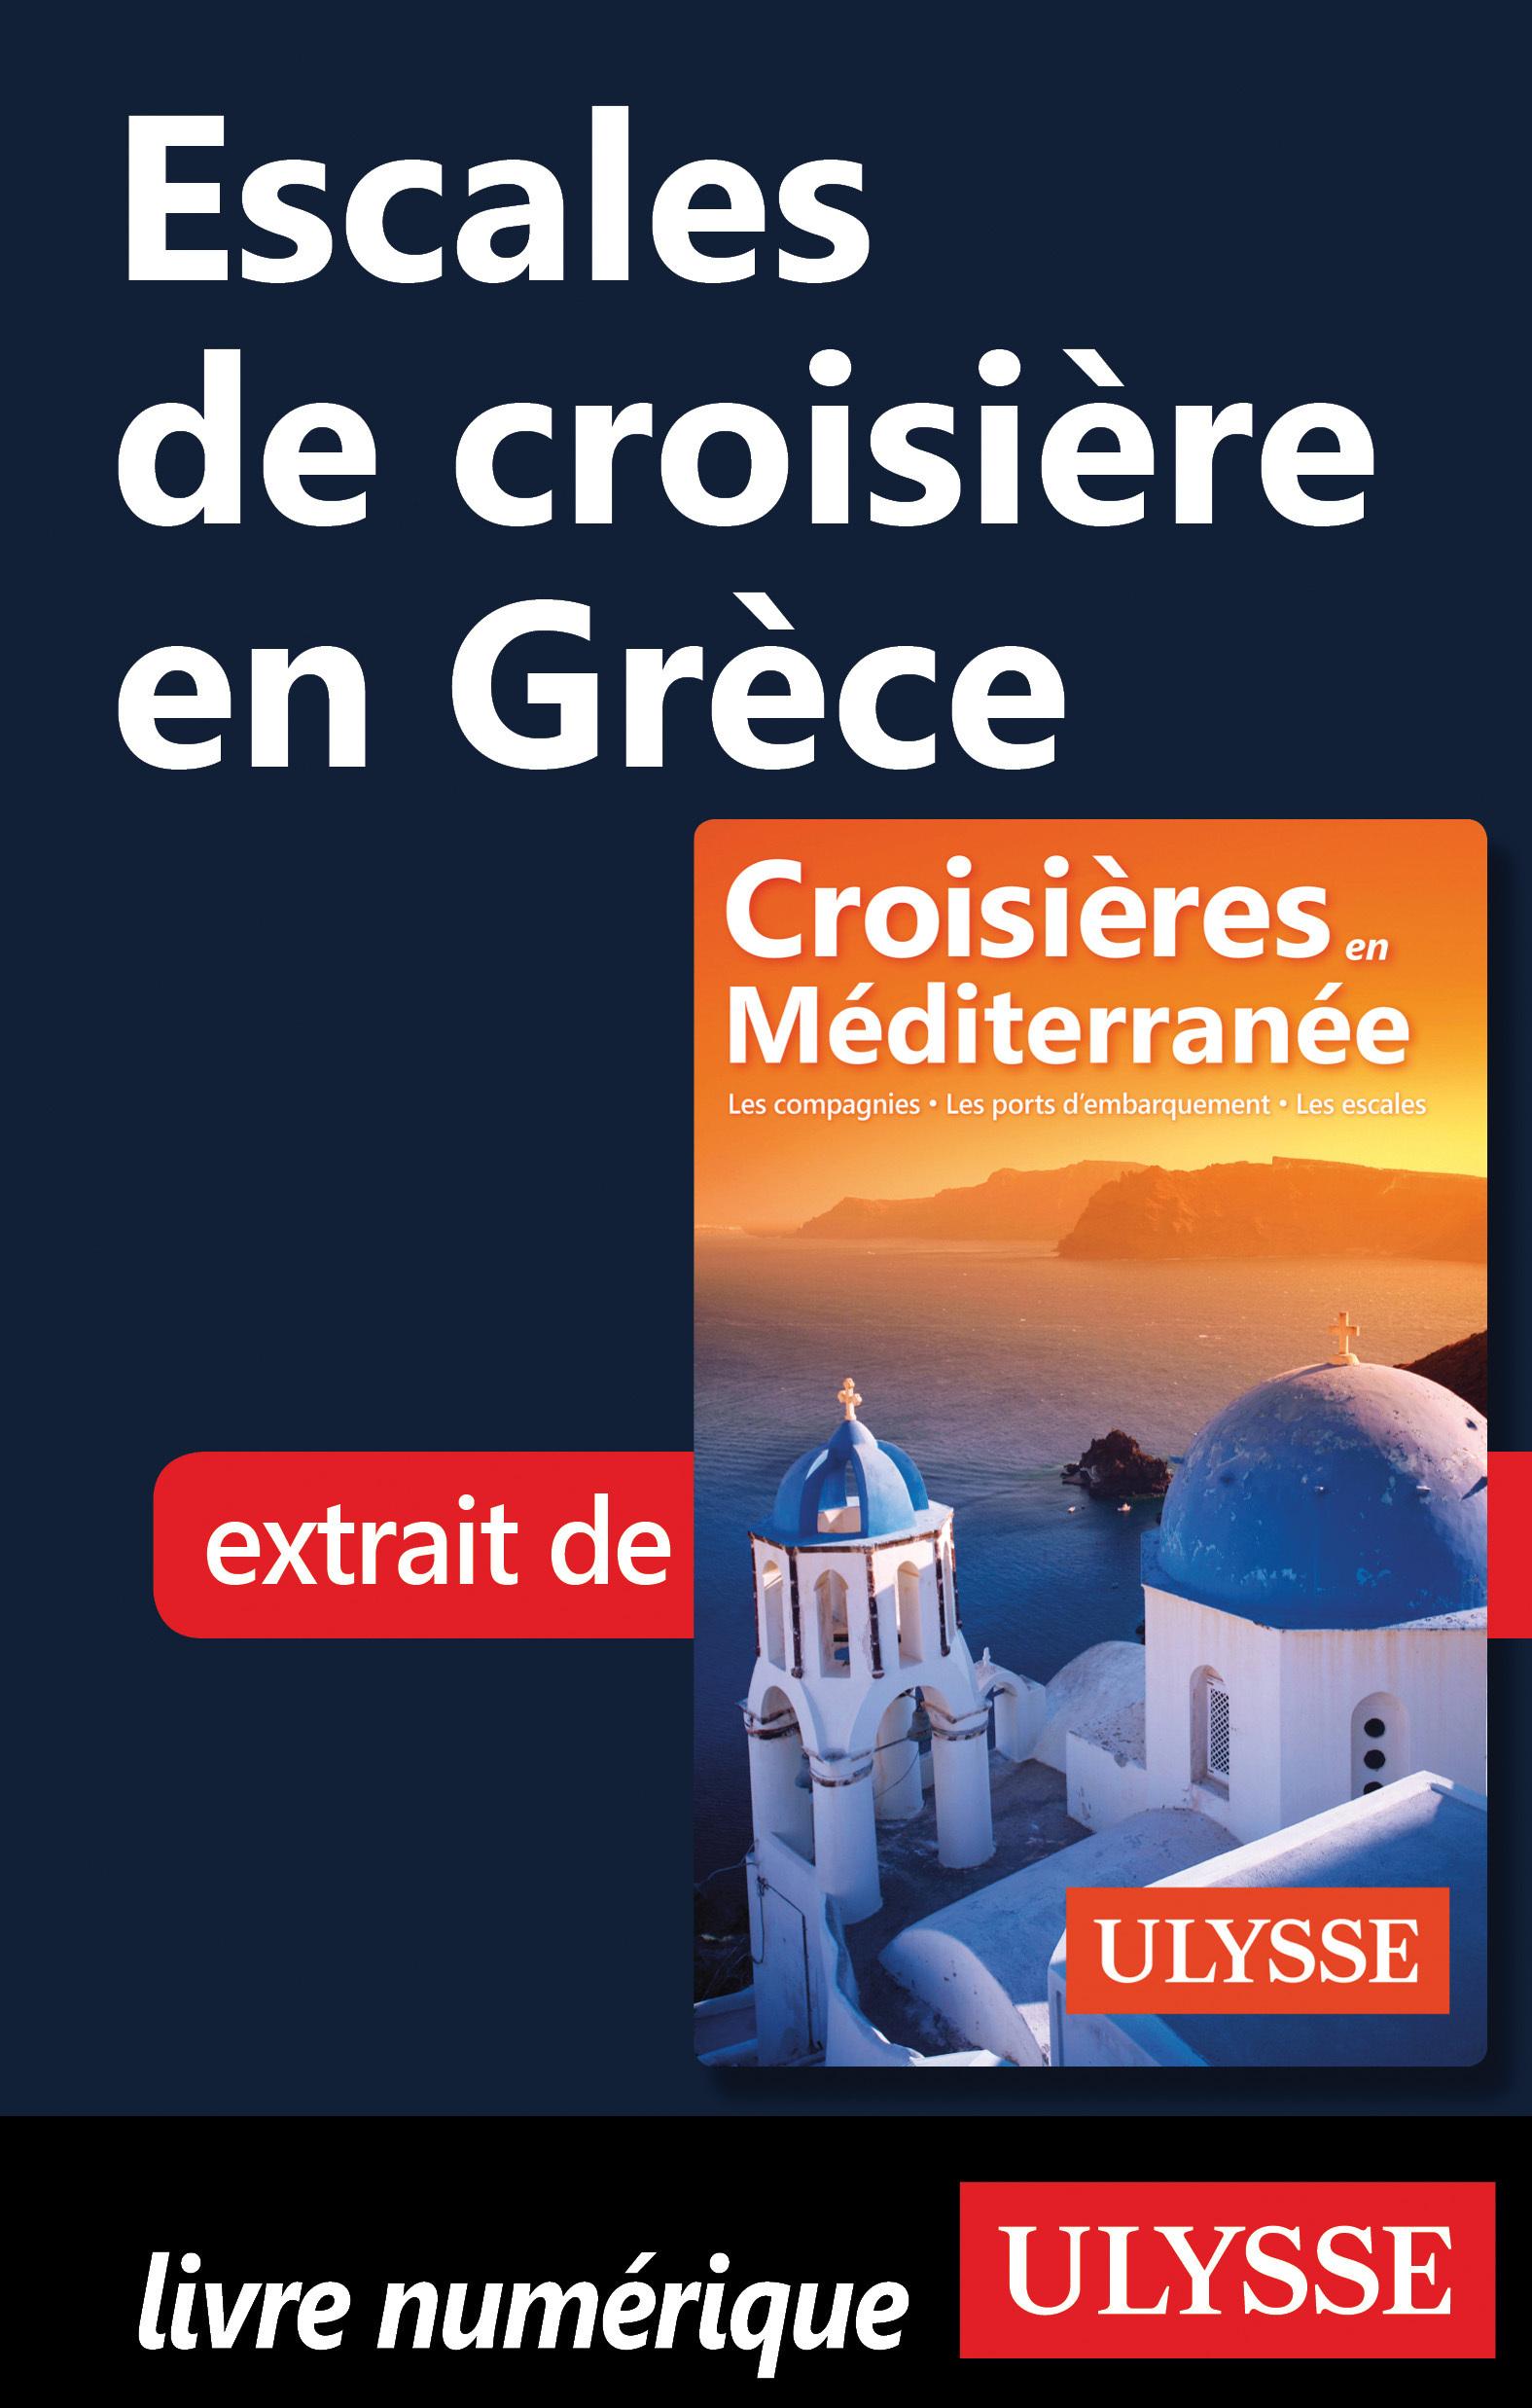 Escales de croisière en Grèce